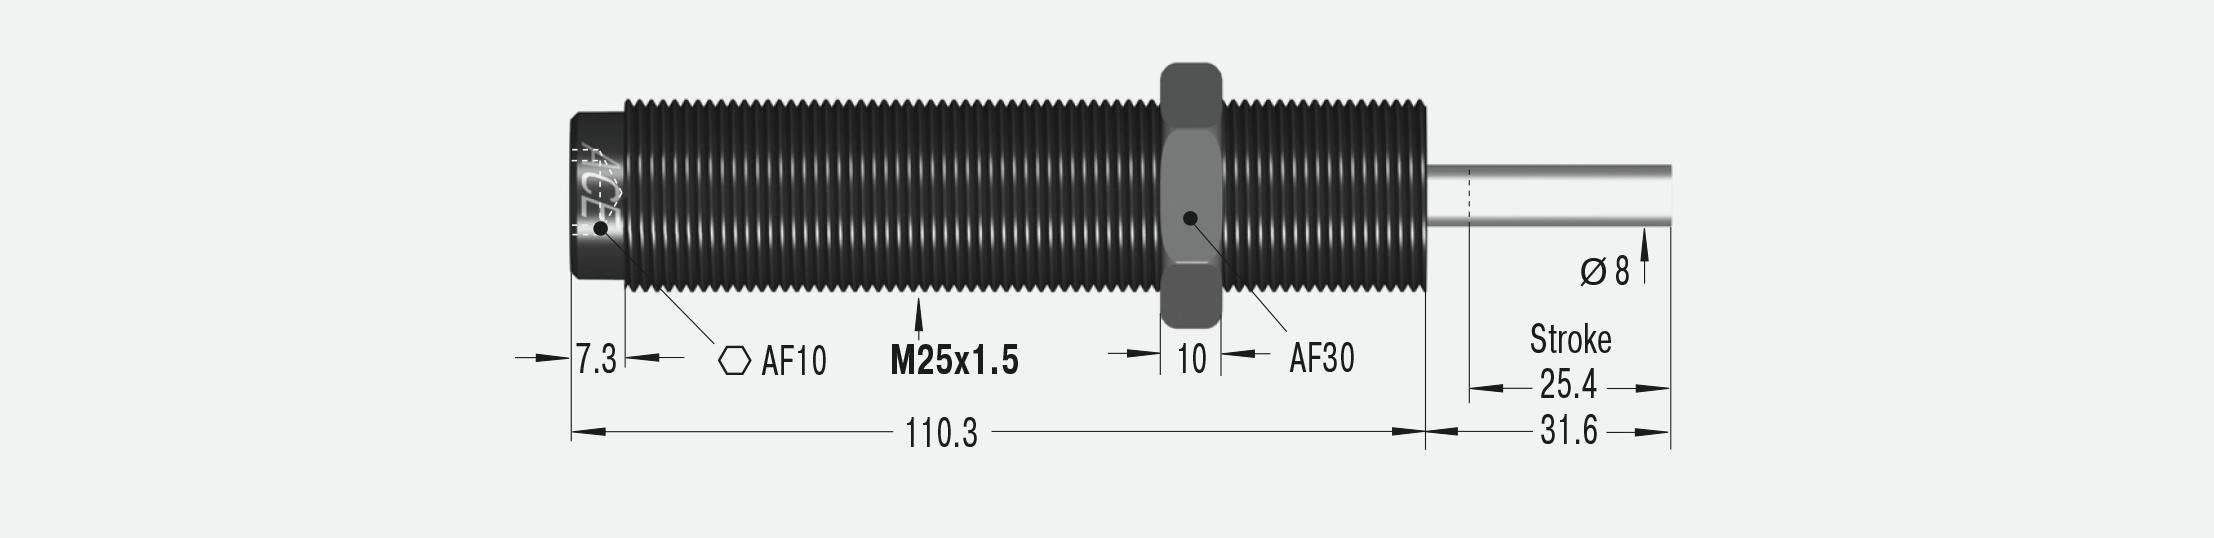 MC600EUMH